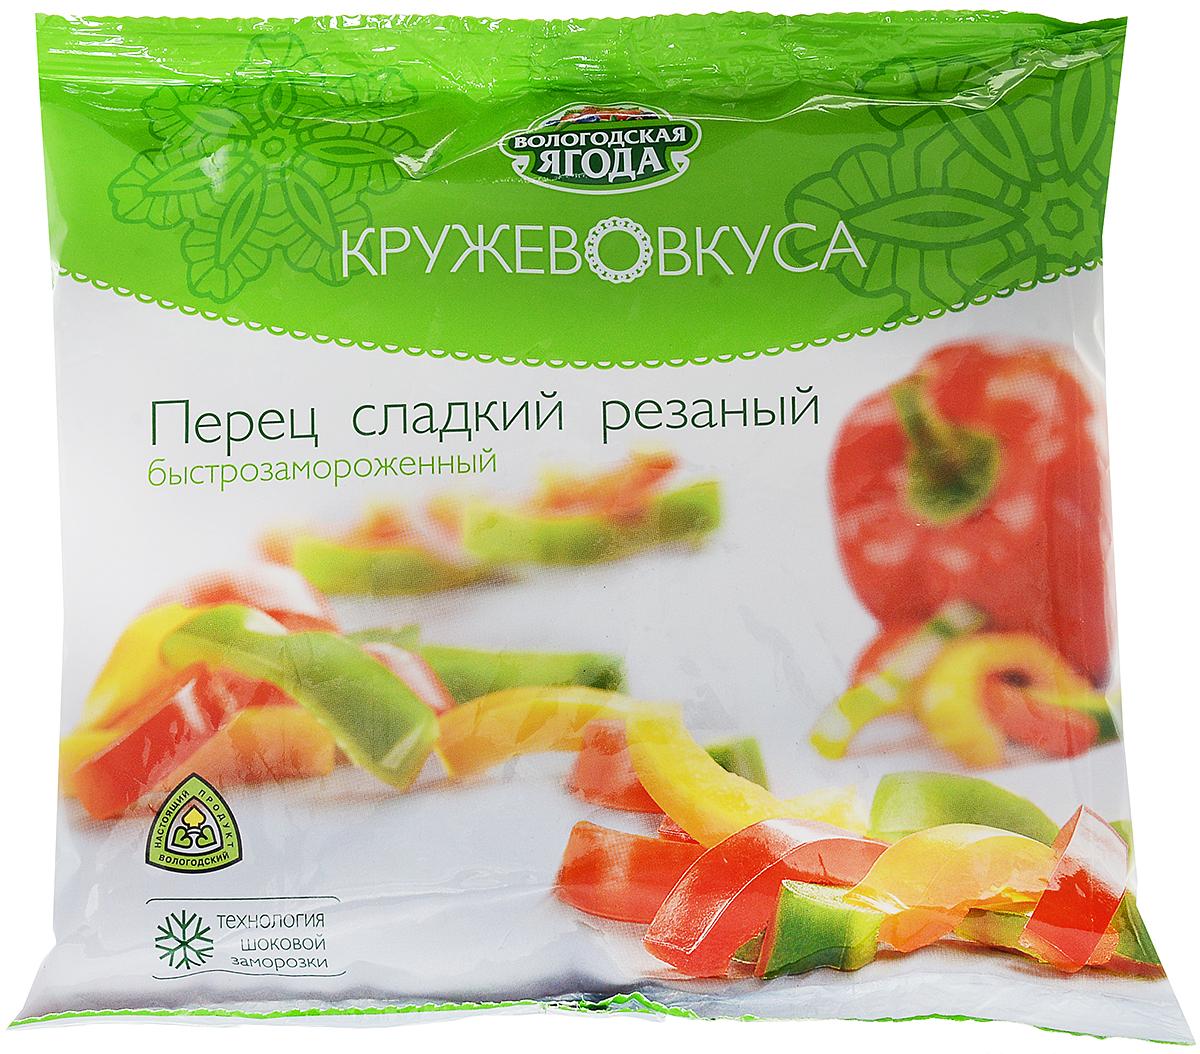 Перец Кружево Вкуса замороженный, 400 г цена